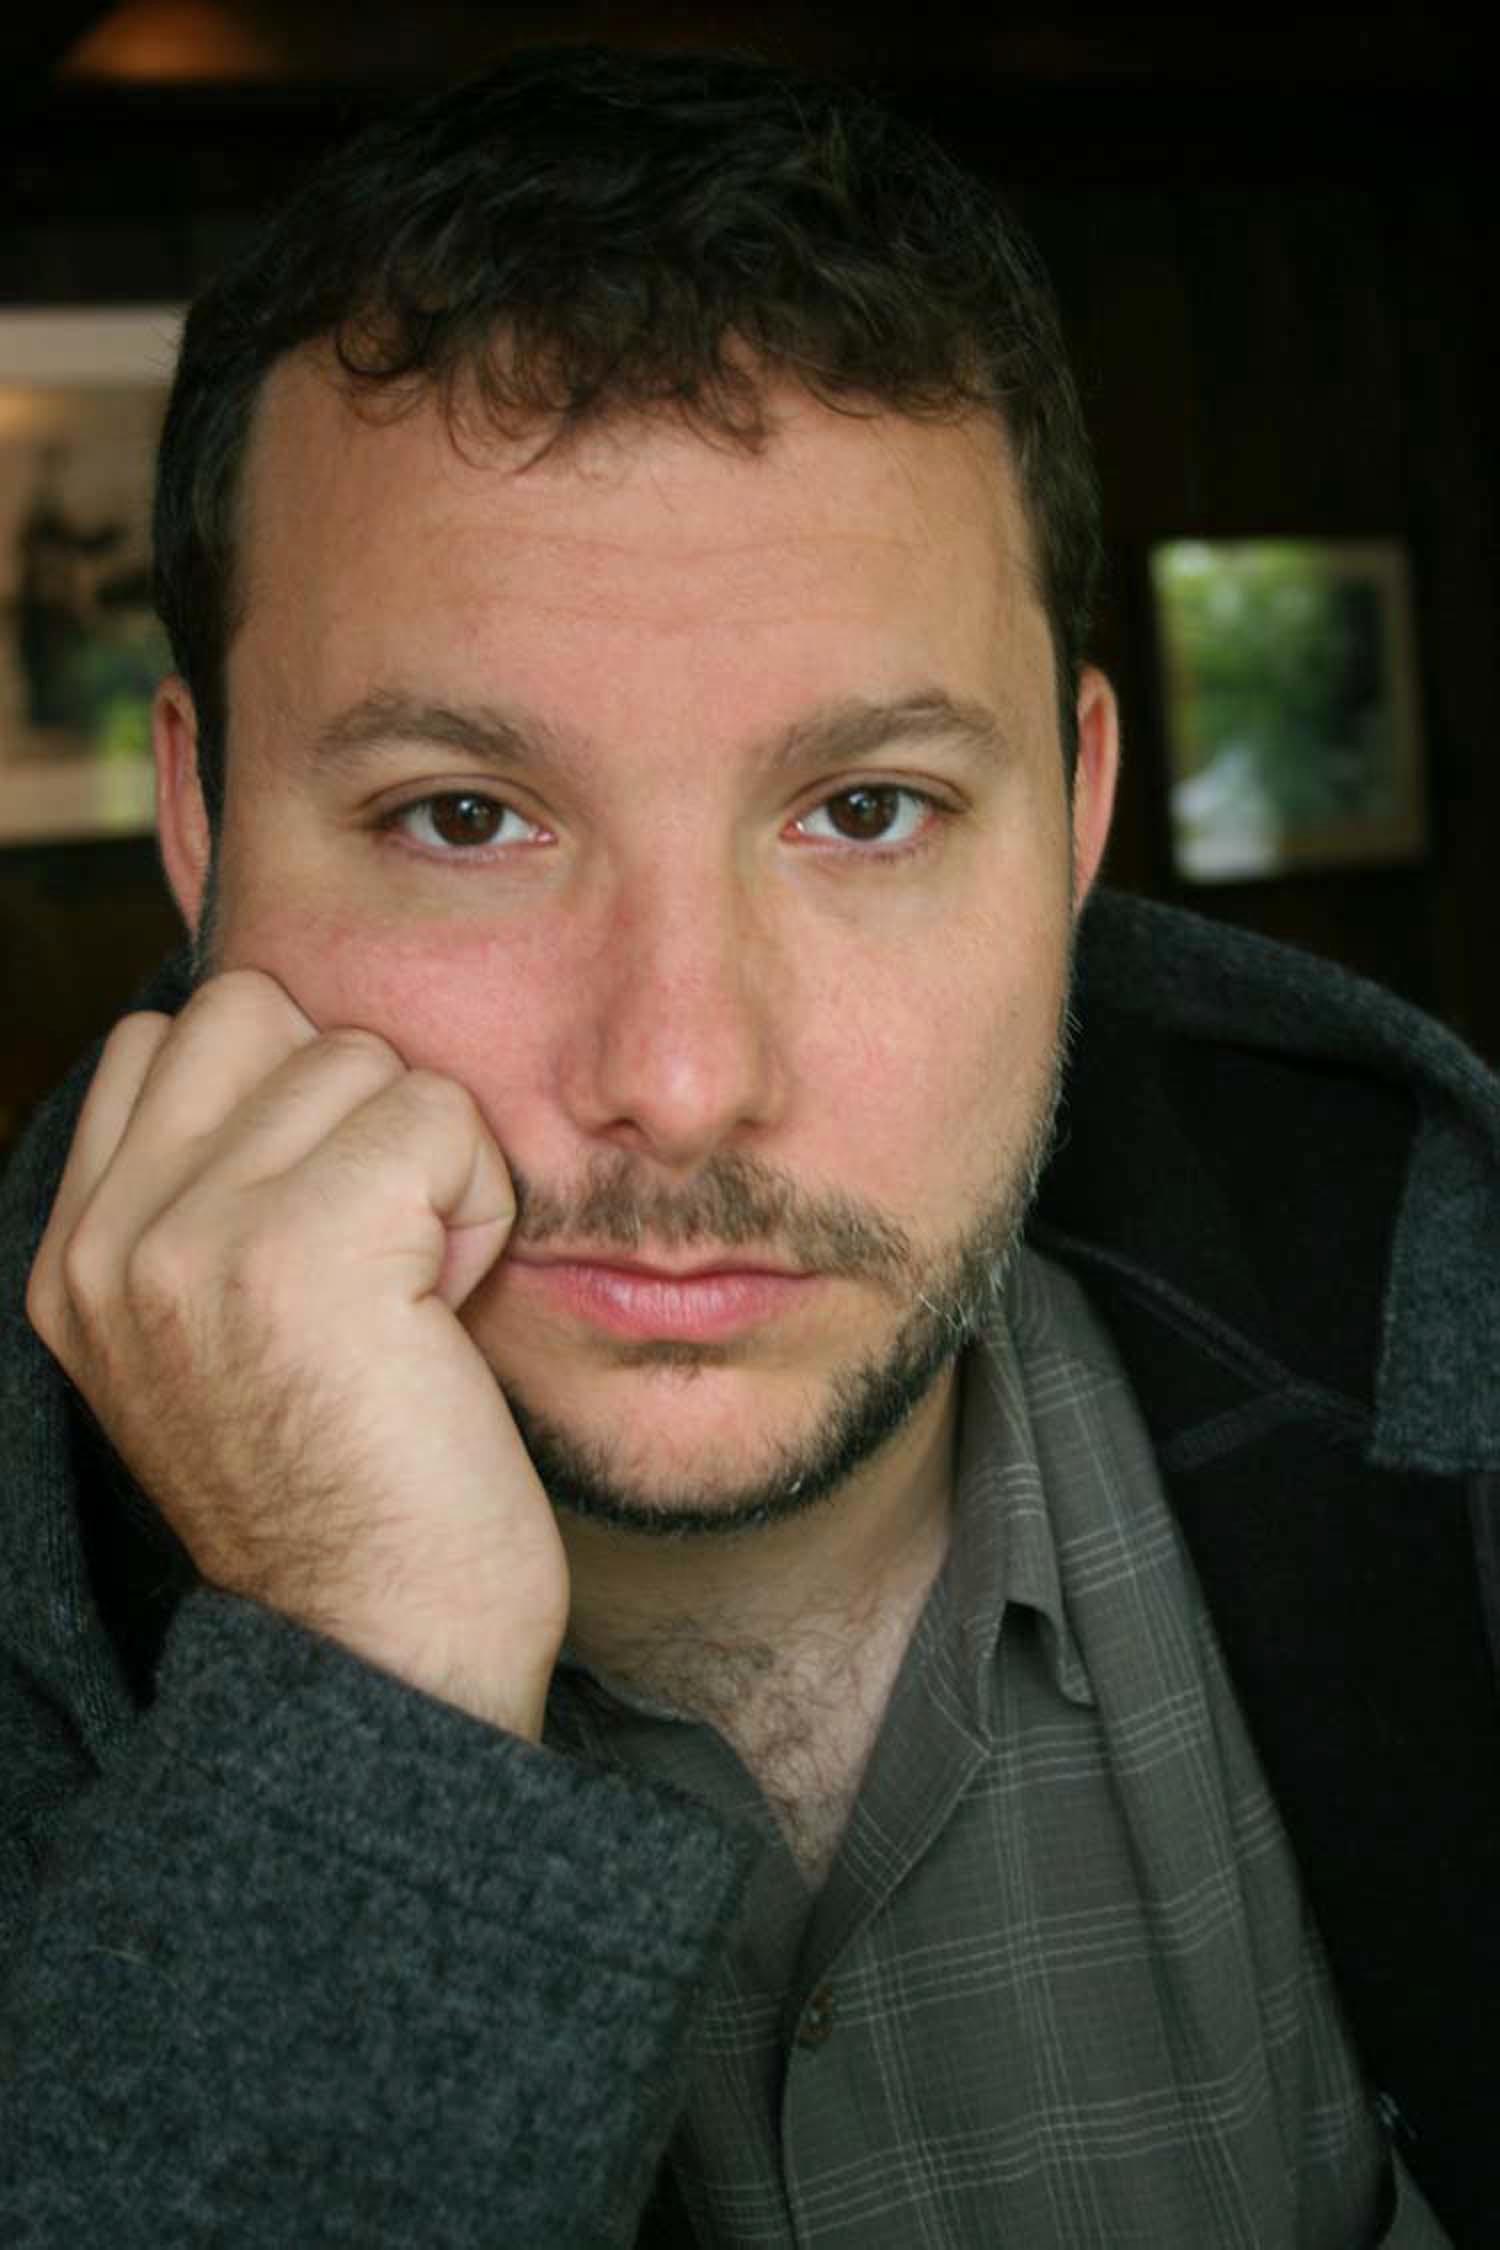 Dylan Tichenor